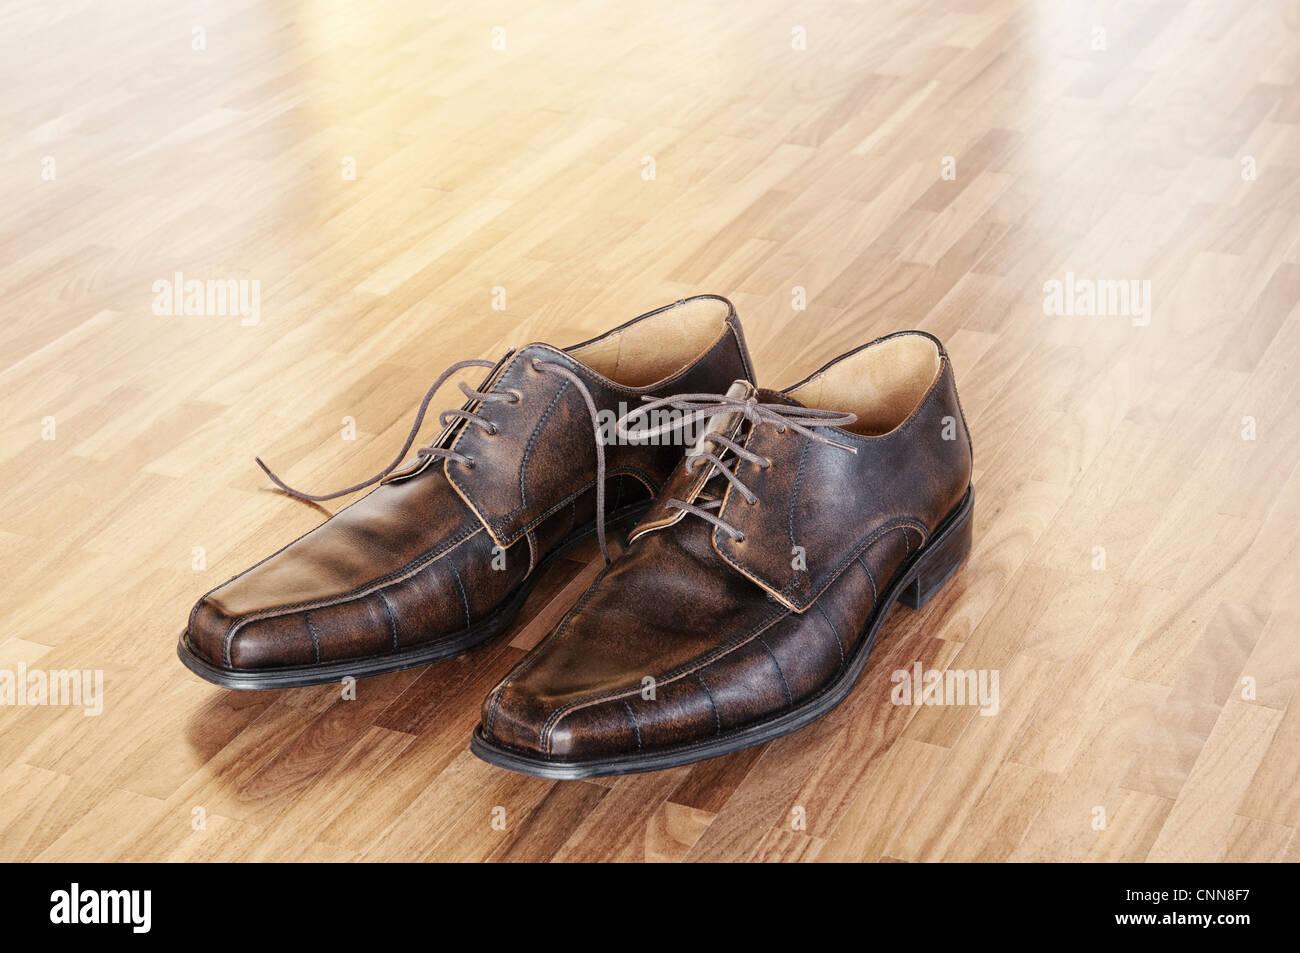 Une paire de chaussures dans une maison de l'intérieur. Photo Stock